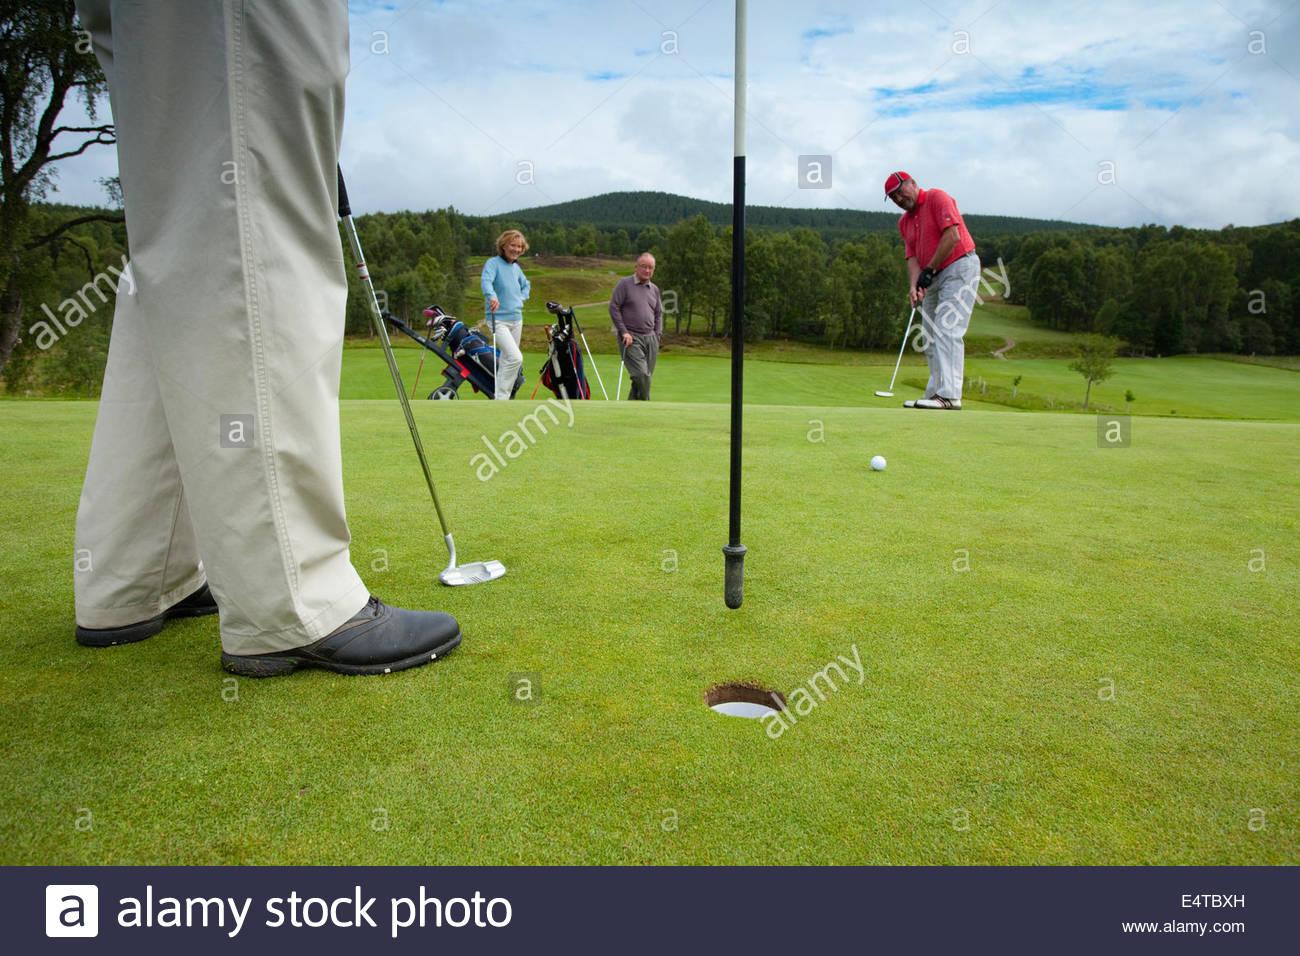 Cuatro personas jugar una ronda de golf en el Club de Golf en Carrbridge, Parque Nacional de Cairngorms, Highlands Imagen De Stock